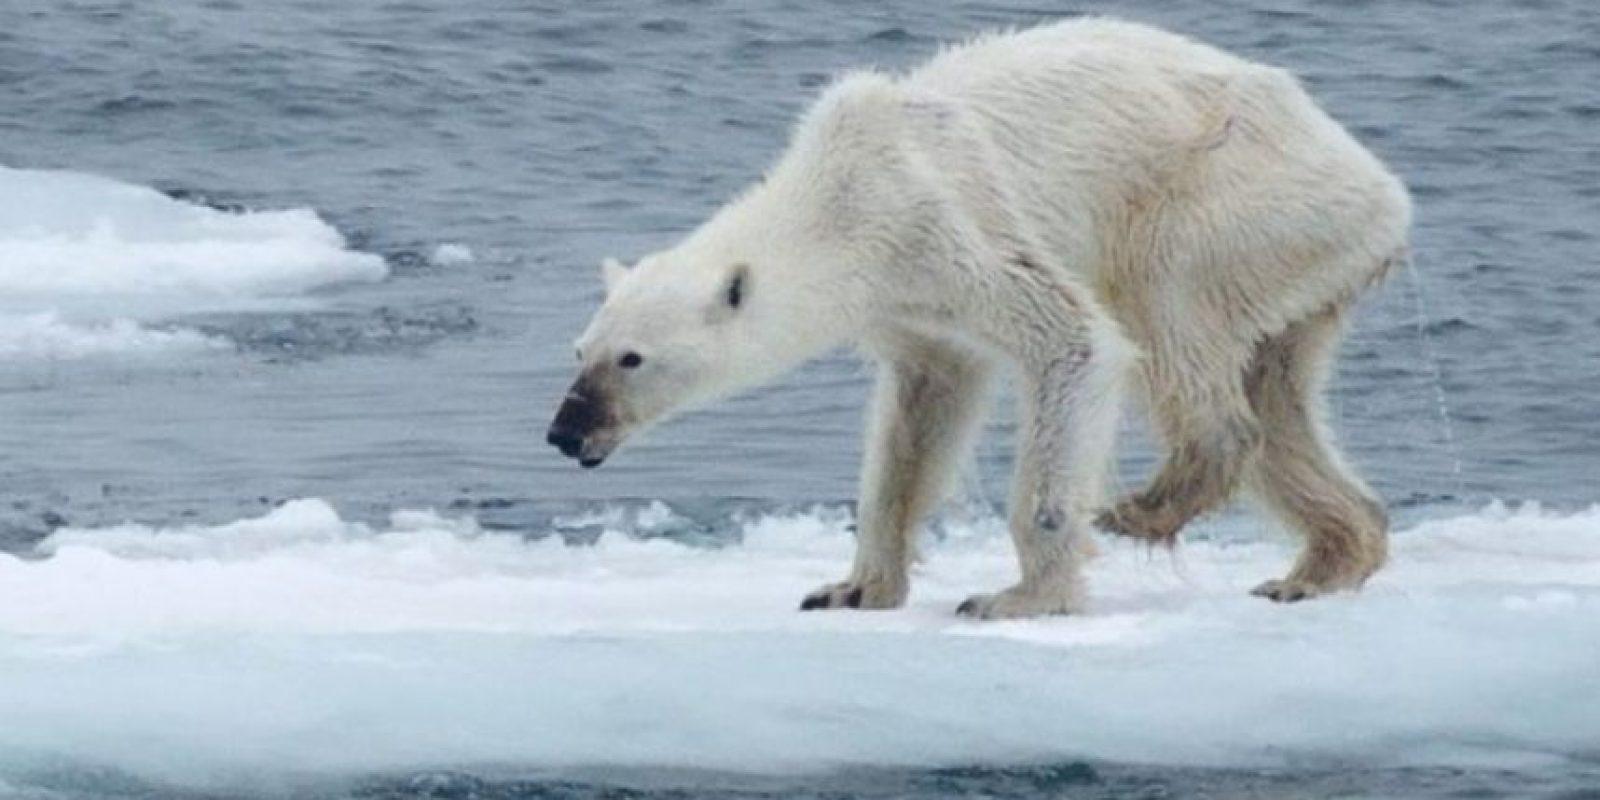 Los osos polares se han visto gravemente afectados por el cambio climático, y los investigadores están preocupados porque si continúa el calentamiento global Foto: Foto:Vía Facebook/kerstin.langenberger.photography